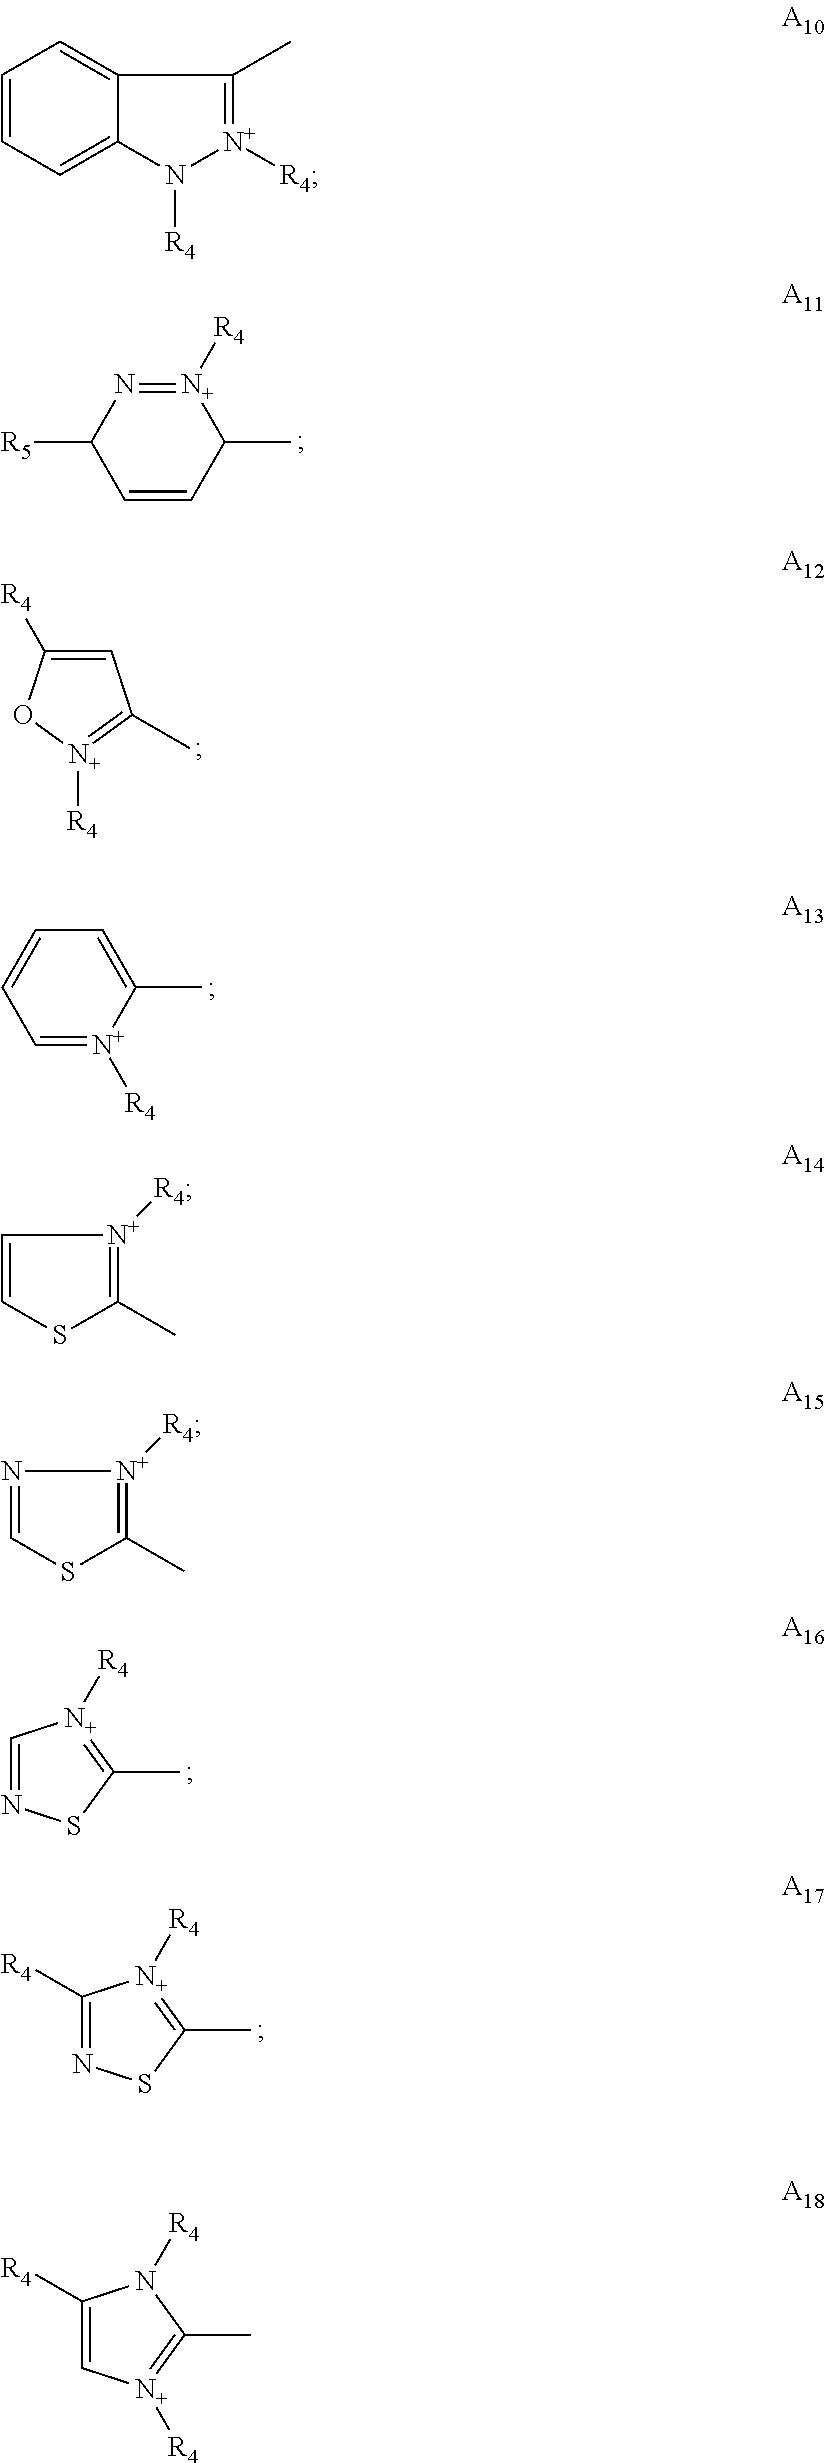 Figure US08118884-20120221-C00015